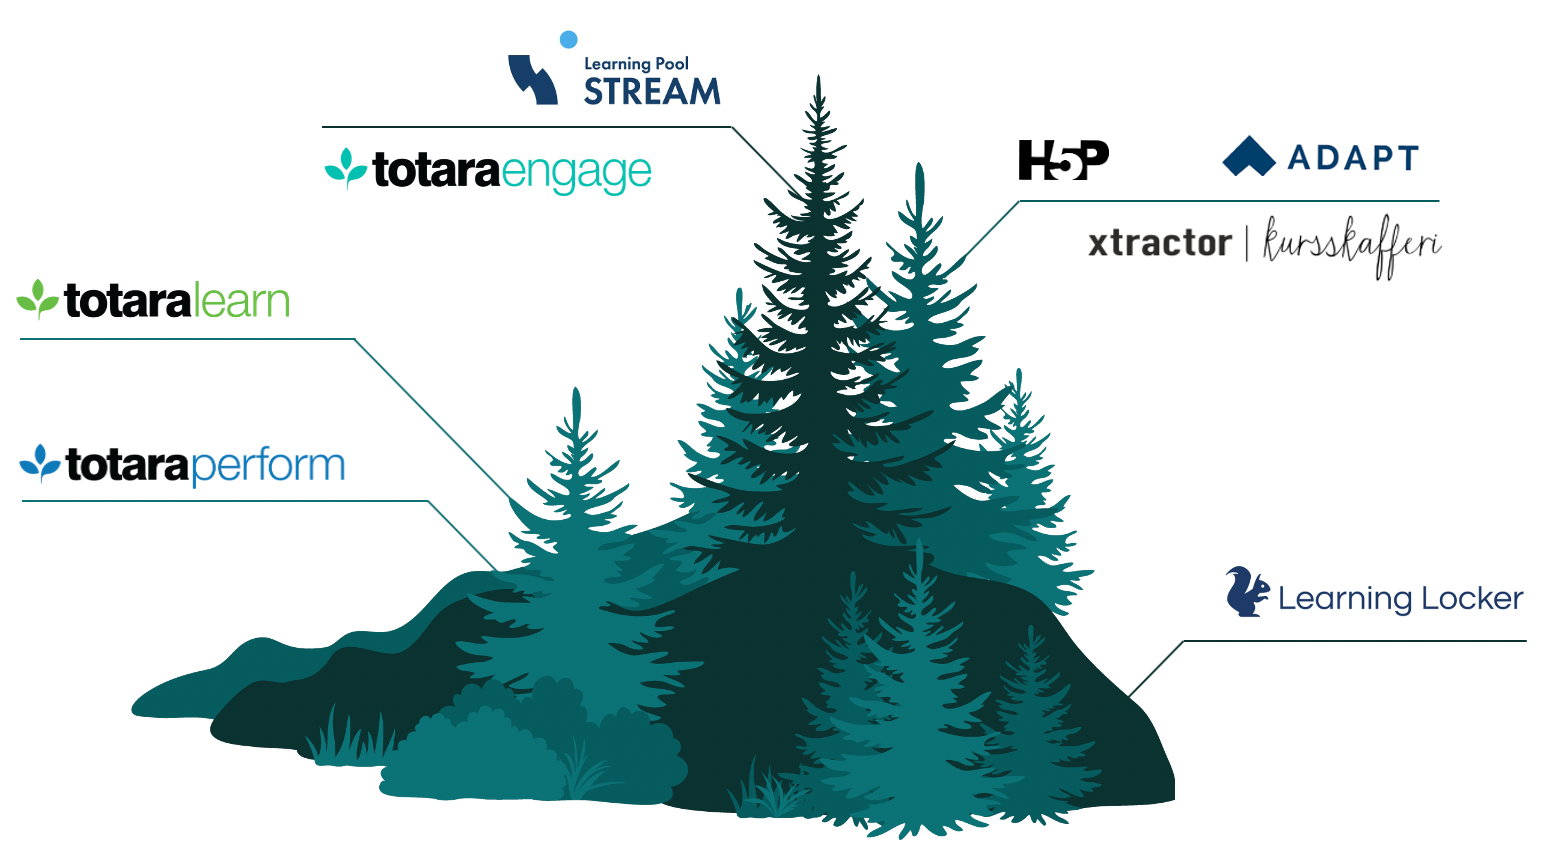 Träd med logotyper: Totara Learn, Totara Engage, Totara Perform, Stream, H5P, Adapt Builder, Xtractor kursskafferi samt Learning Locker.